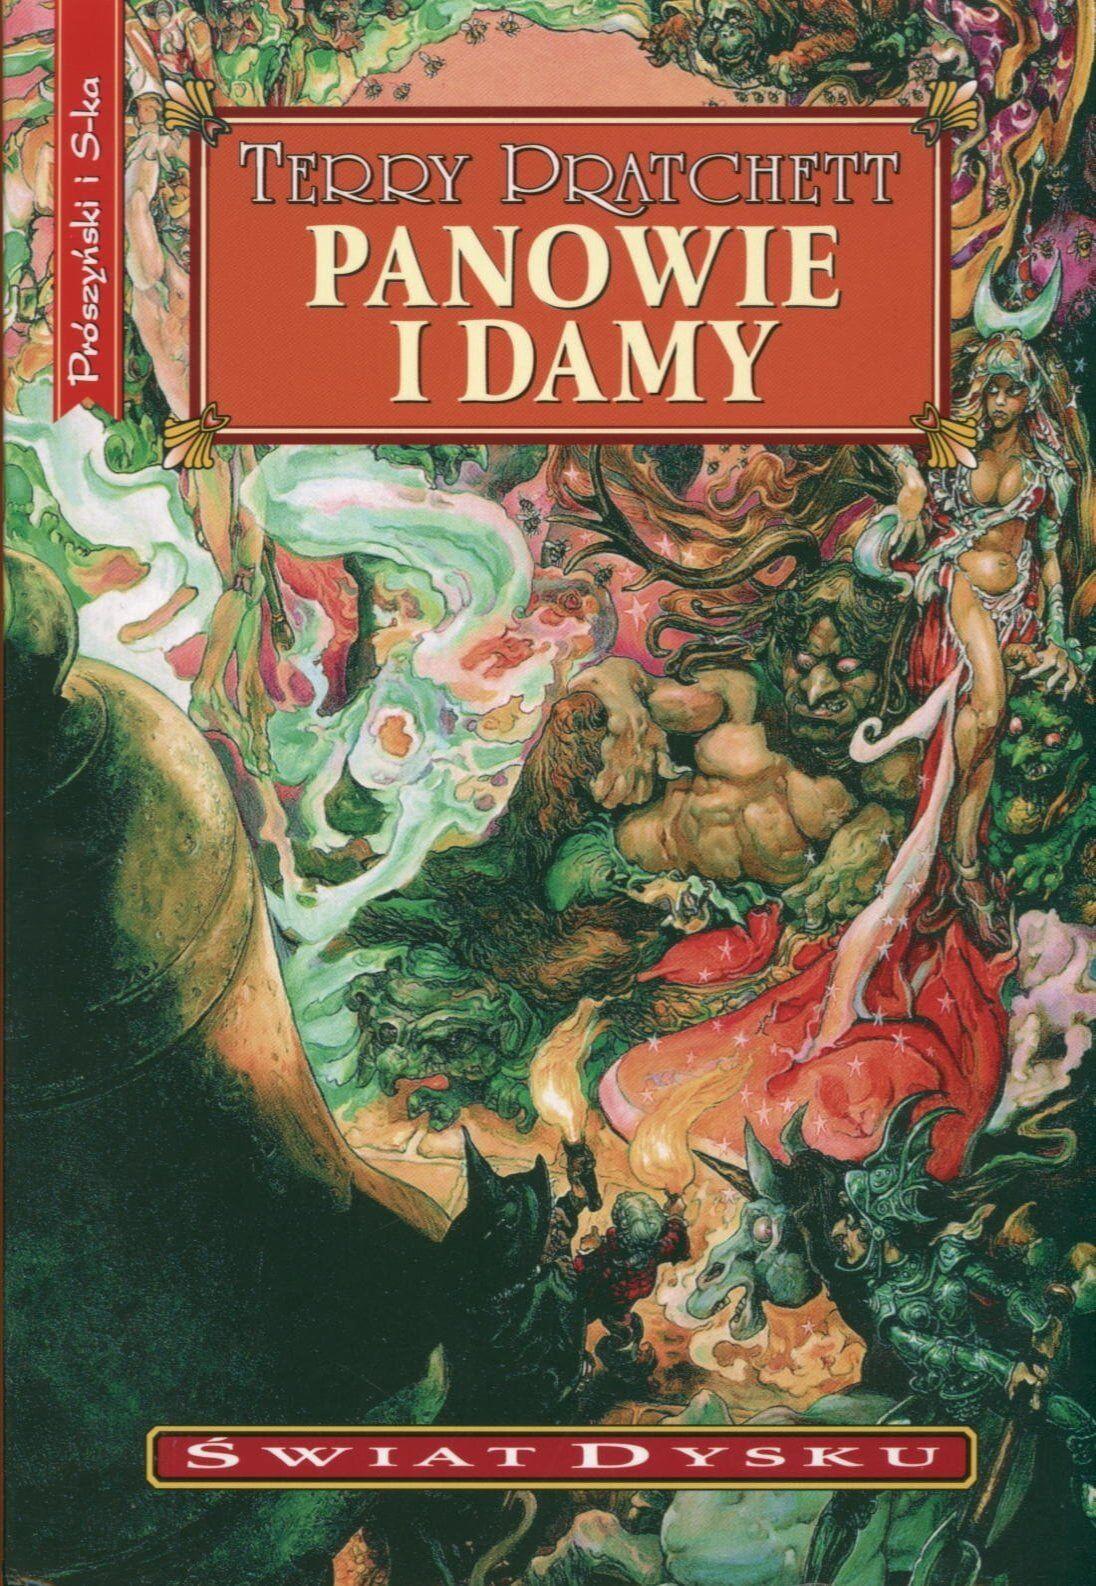 Okładka powieści Panowie i Damy. Autor: Terry Pratchett